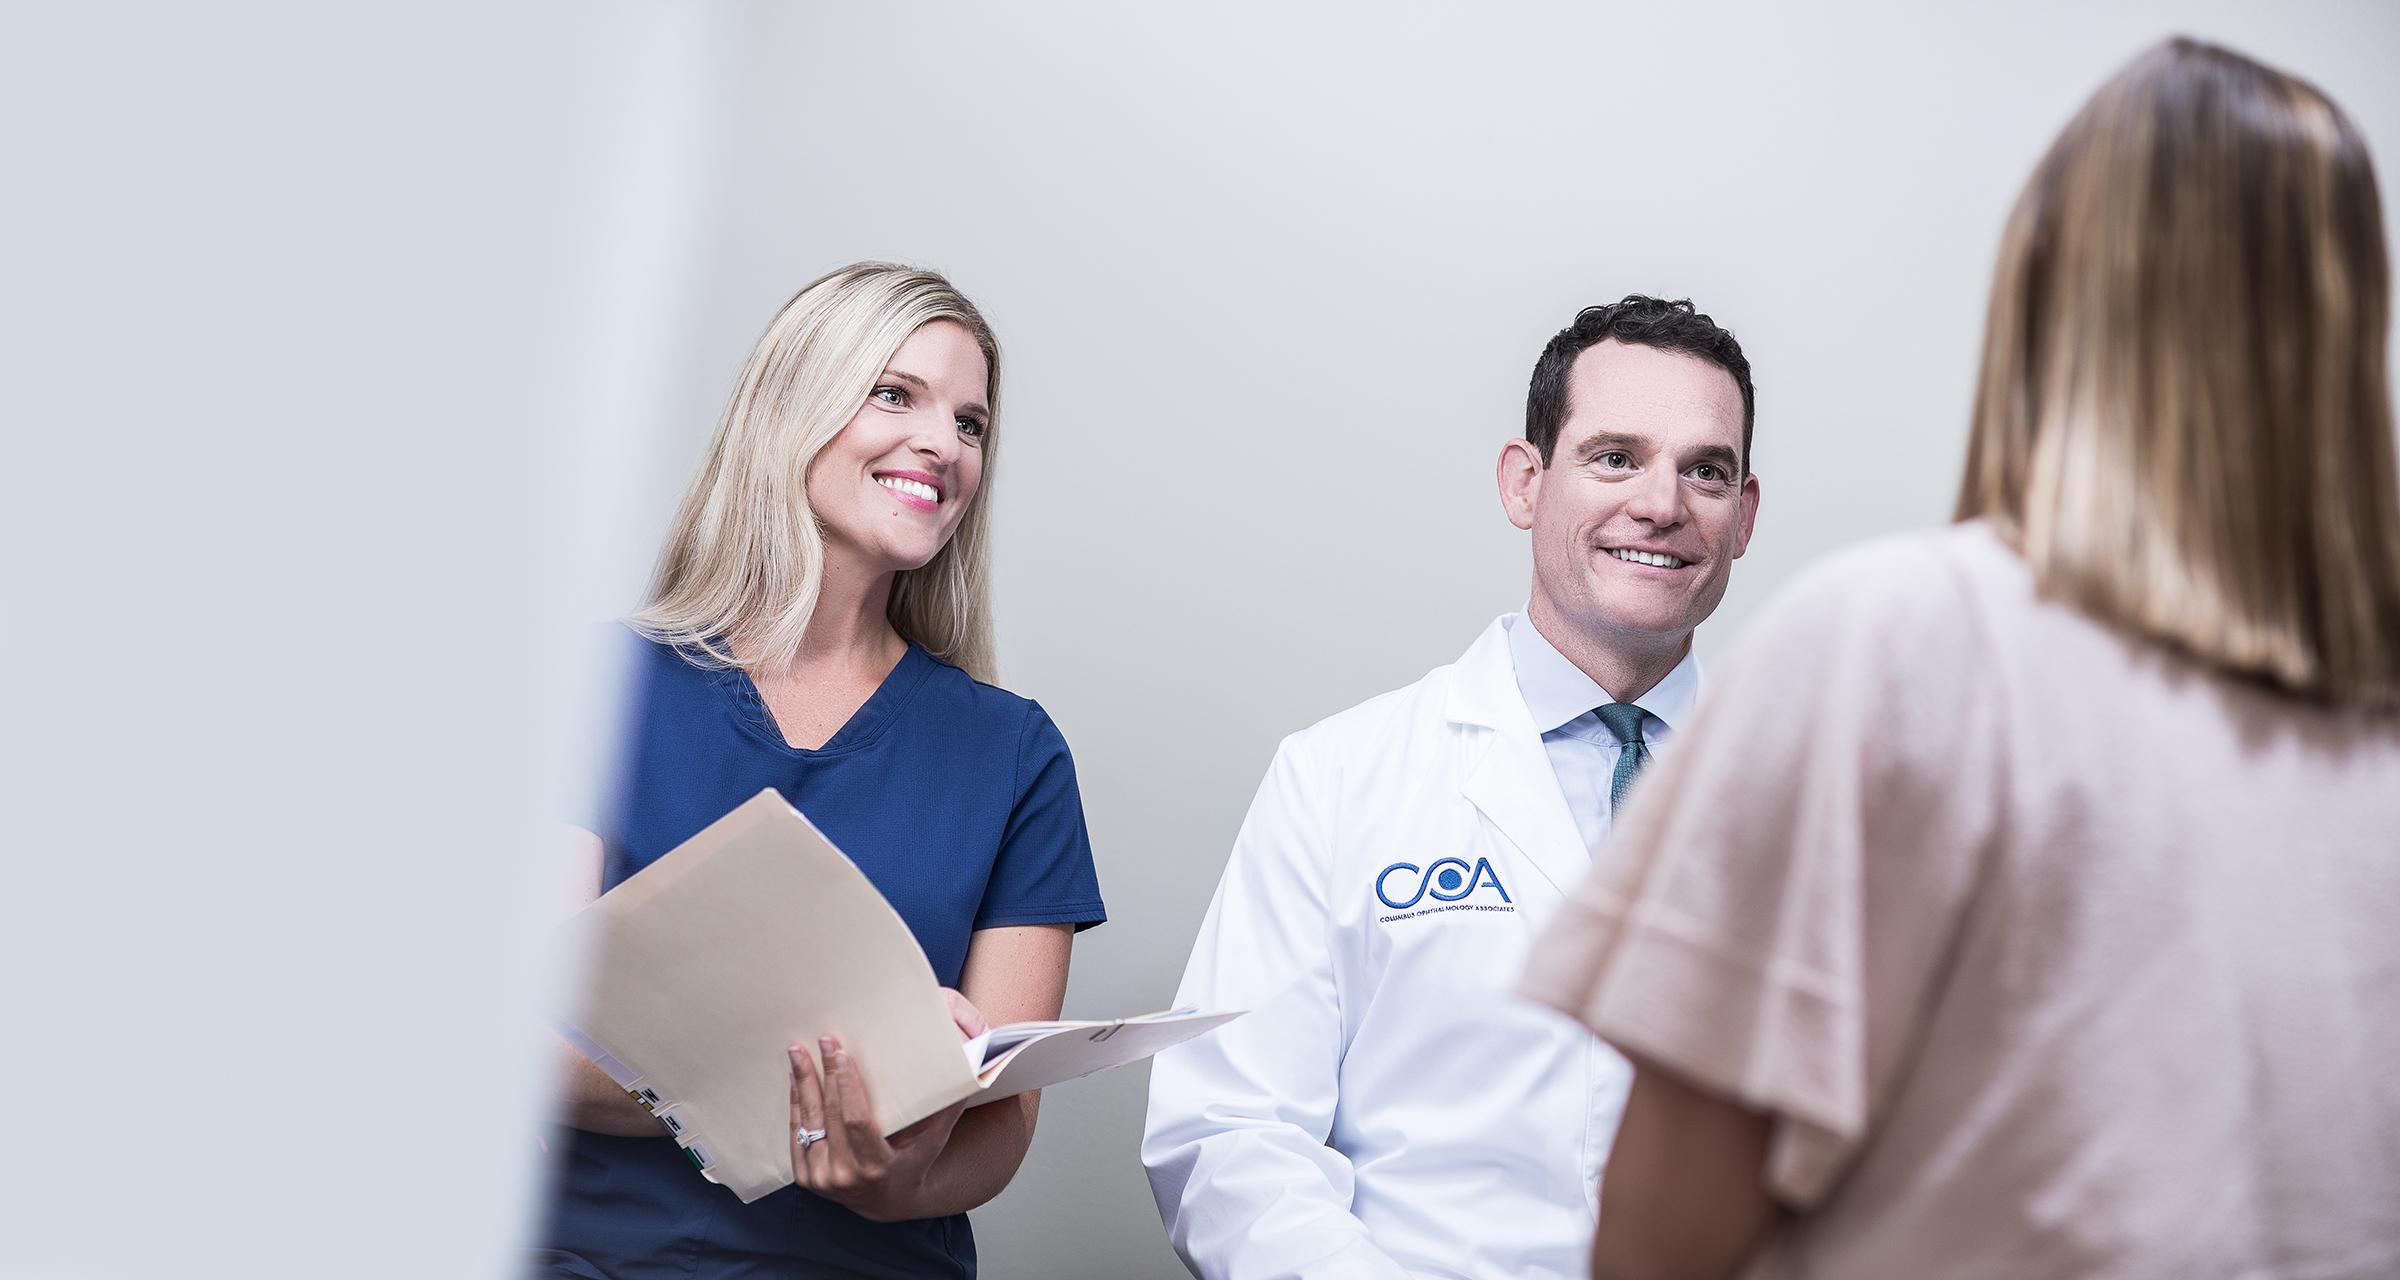 Commercial Shoot - Doctors.jpg